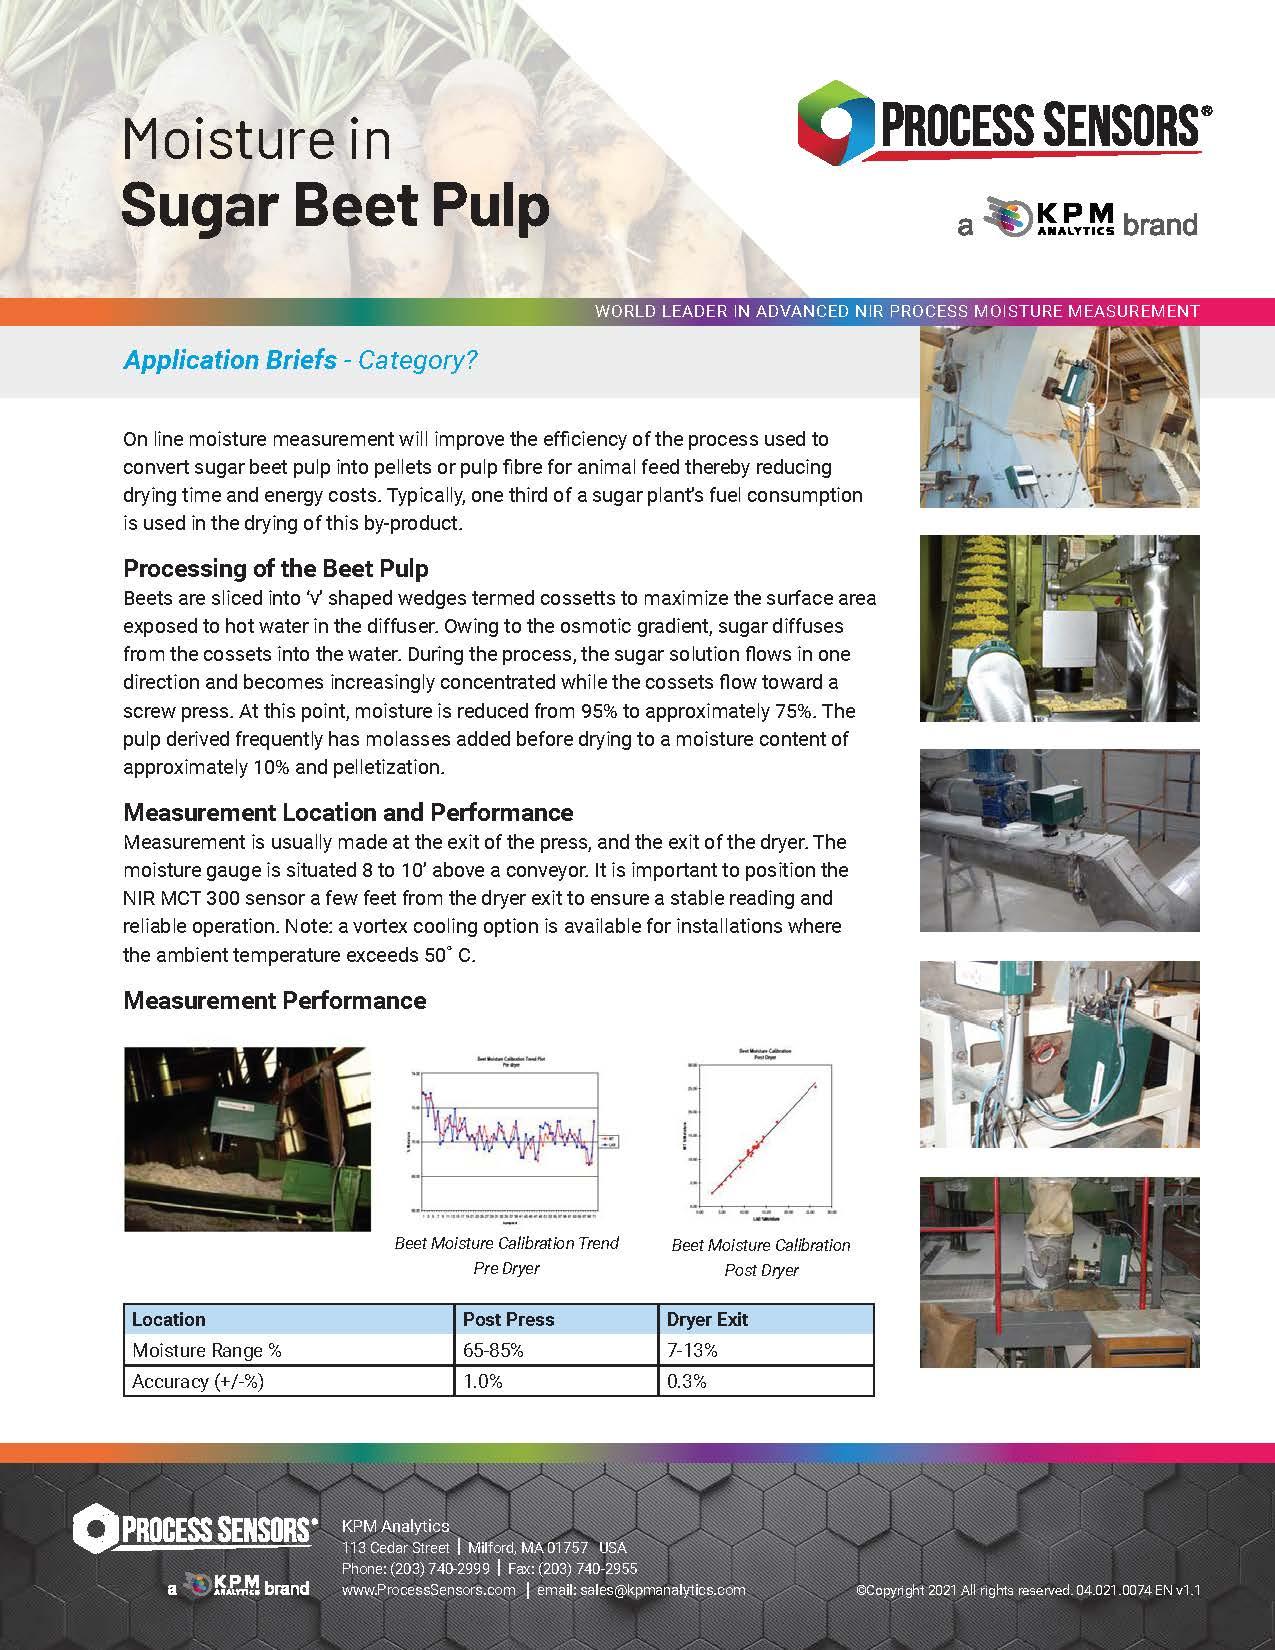 Moisture in Sugar Beet Pulp